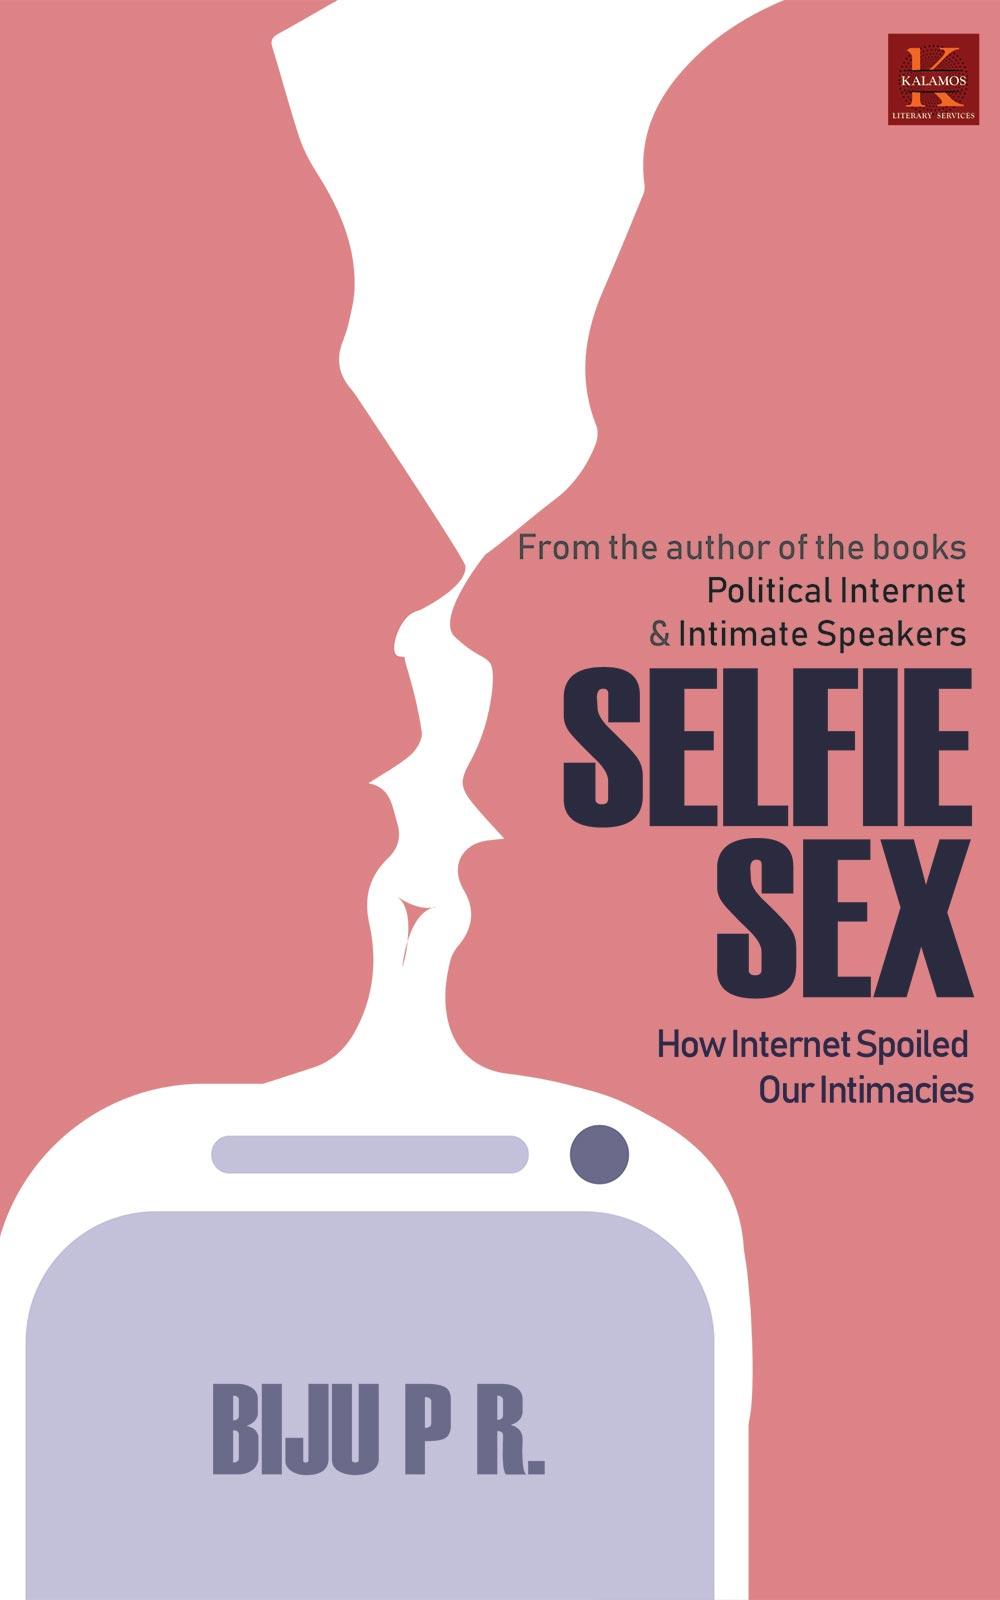 Selfie Sex By Biju PR